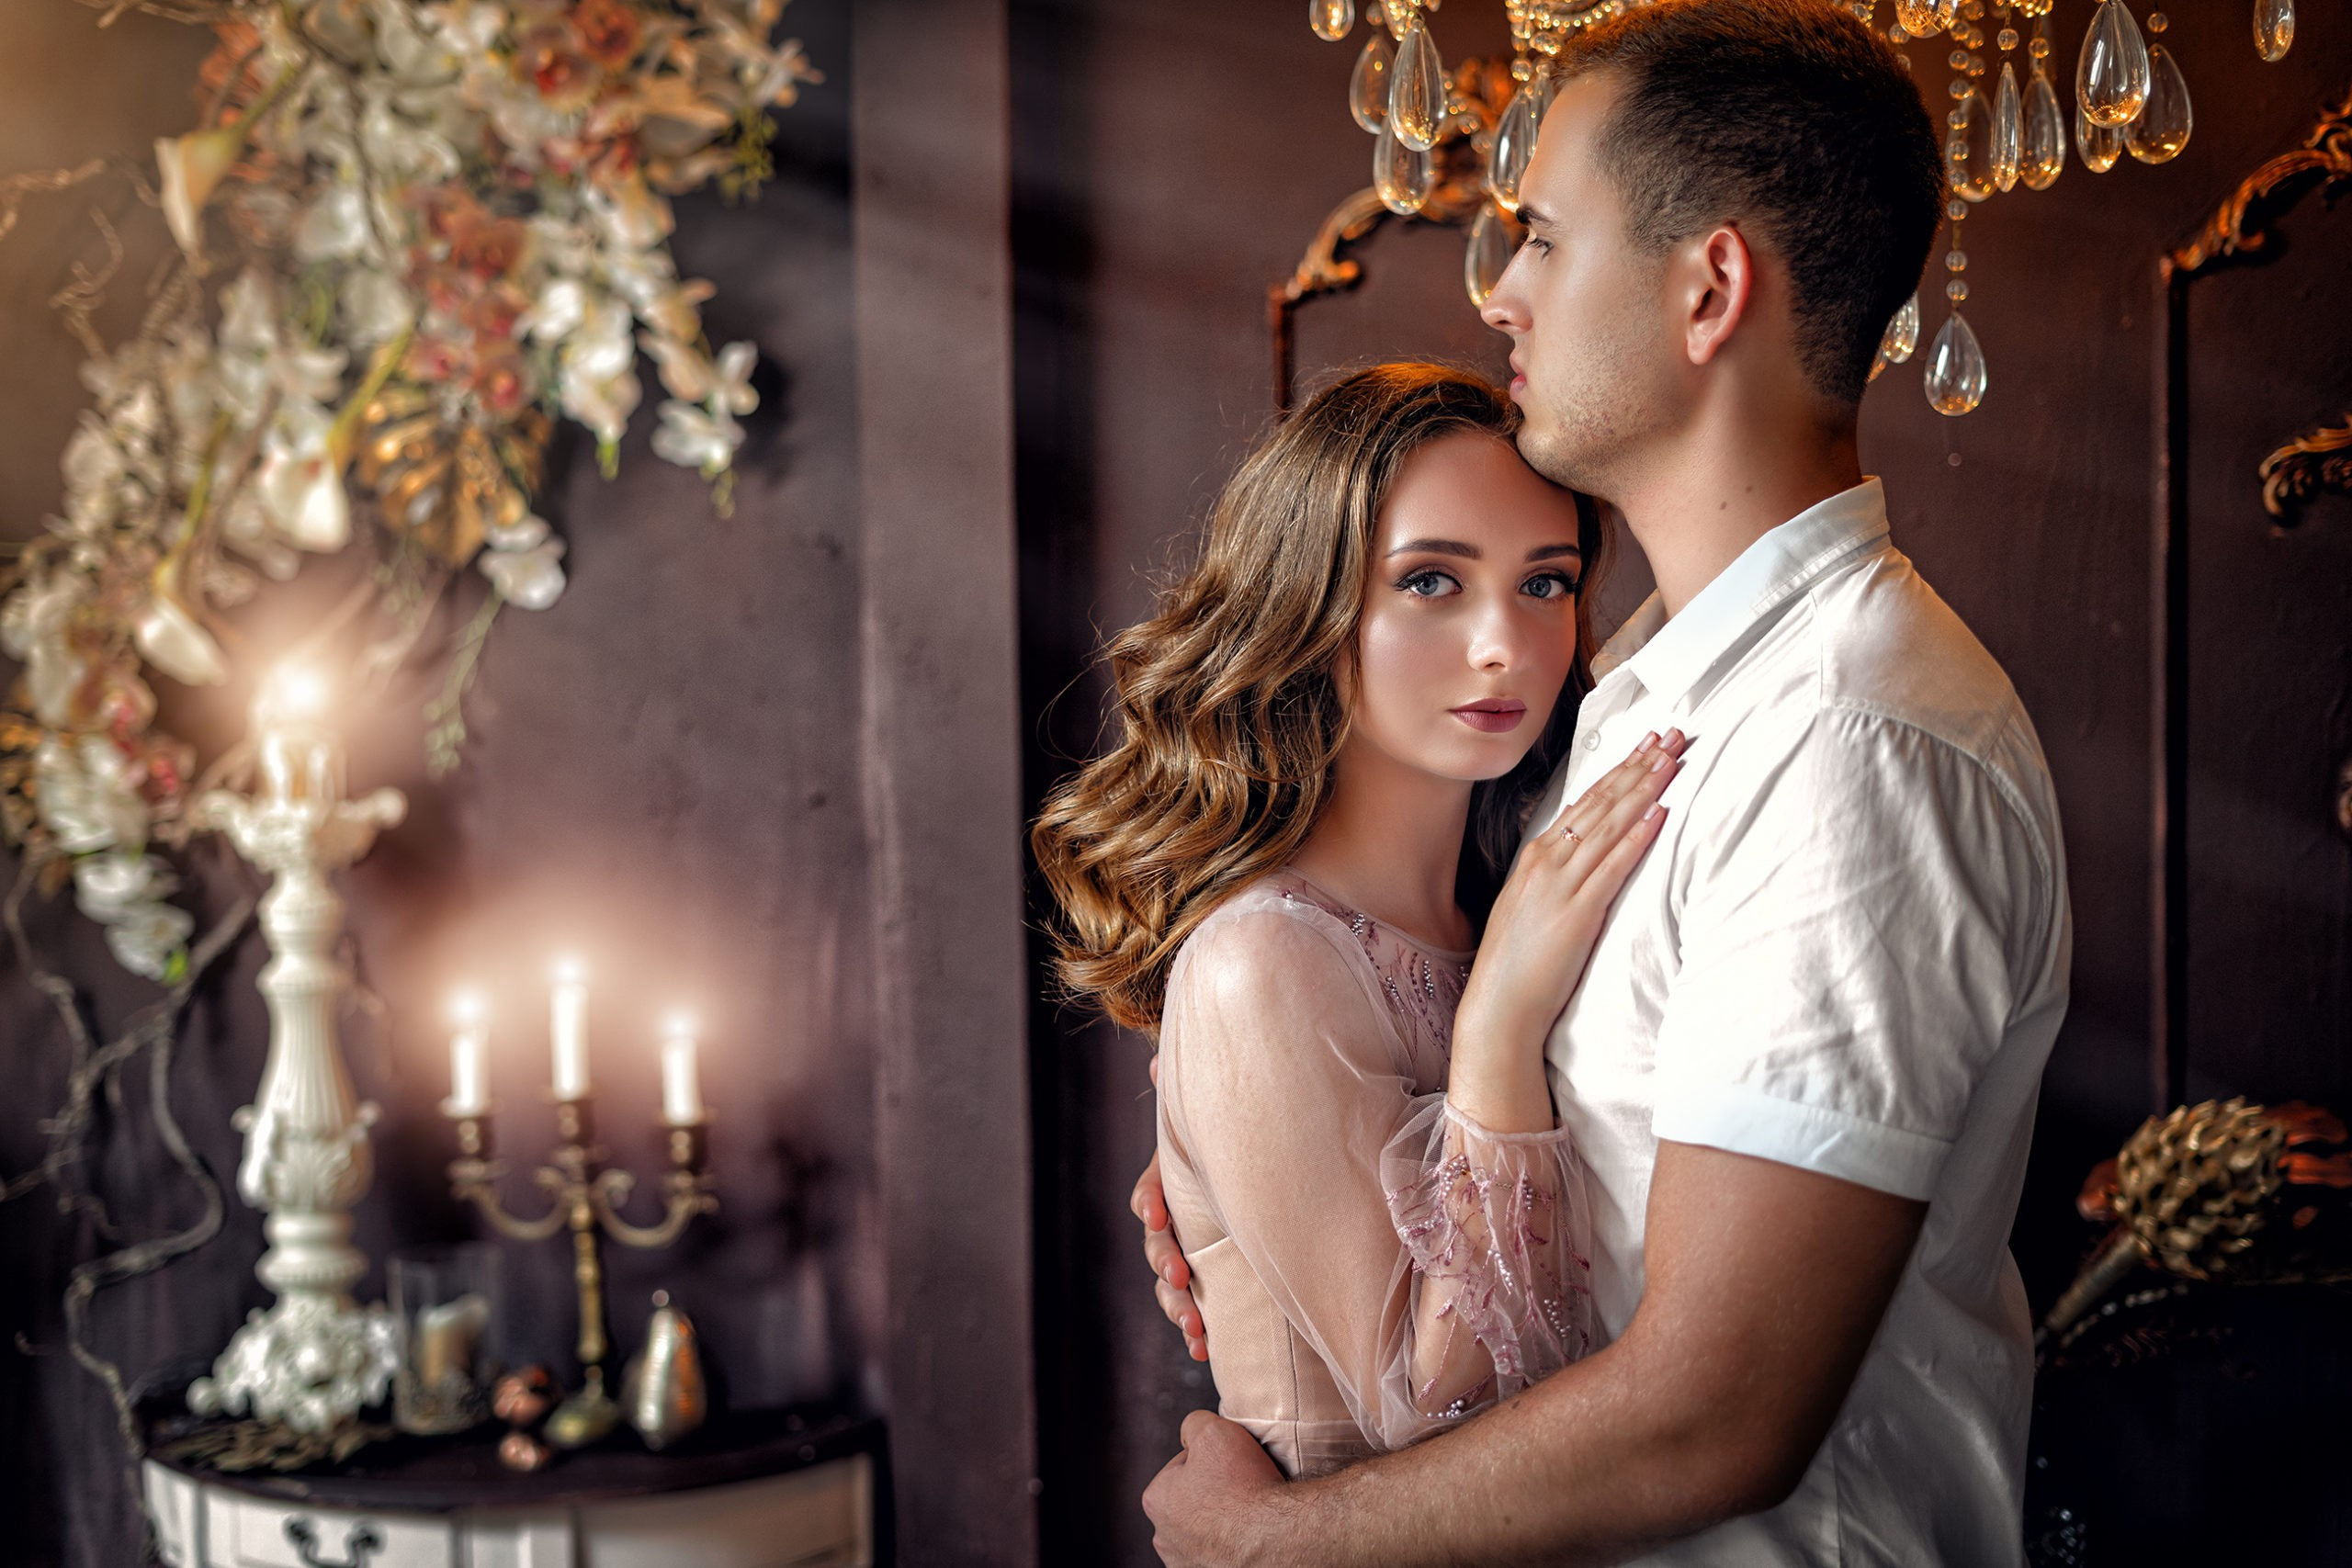 Свадебная съемка в студии Краснодара от краснодарского свадебного фотографа